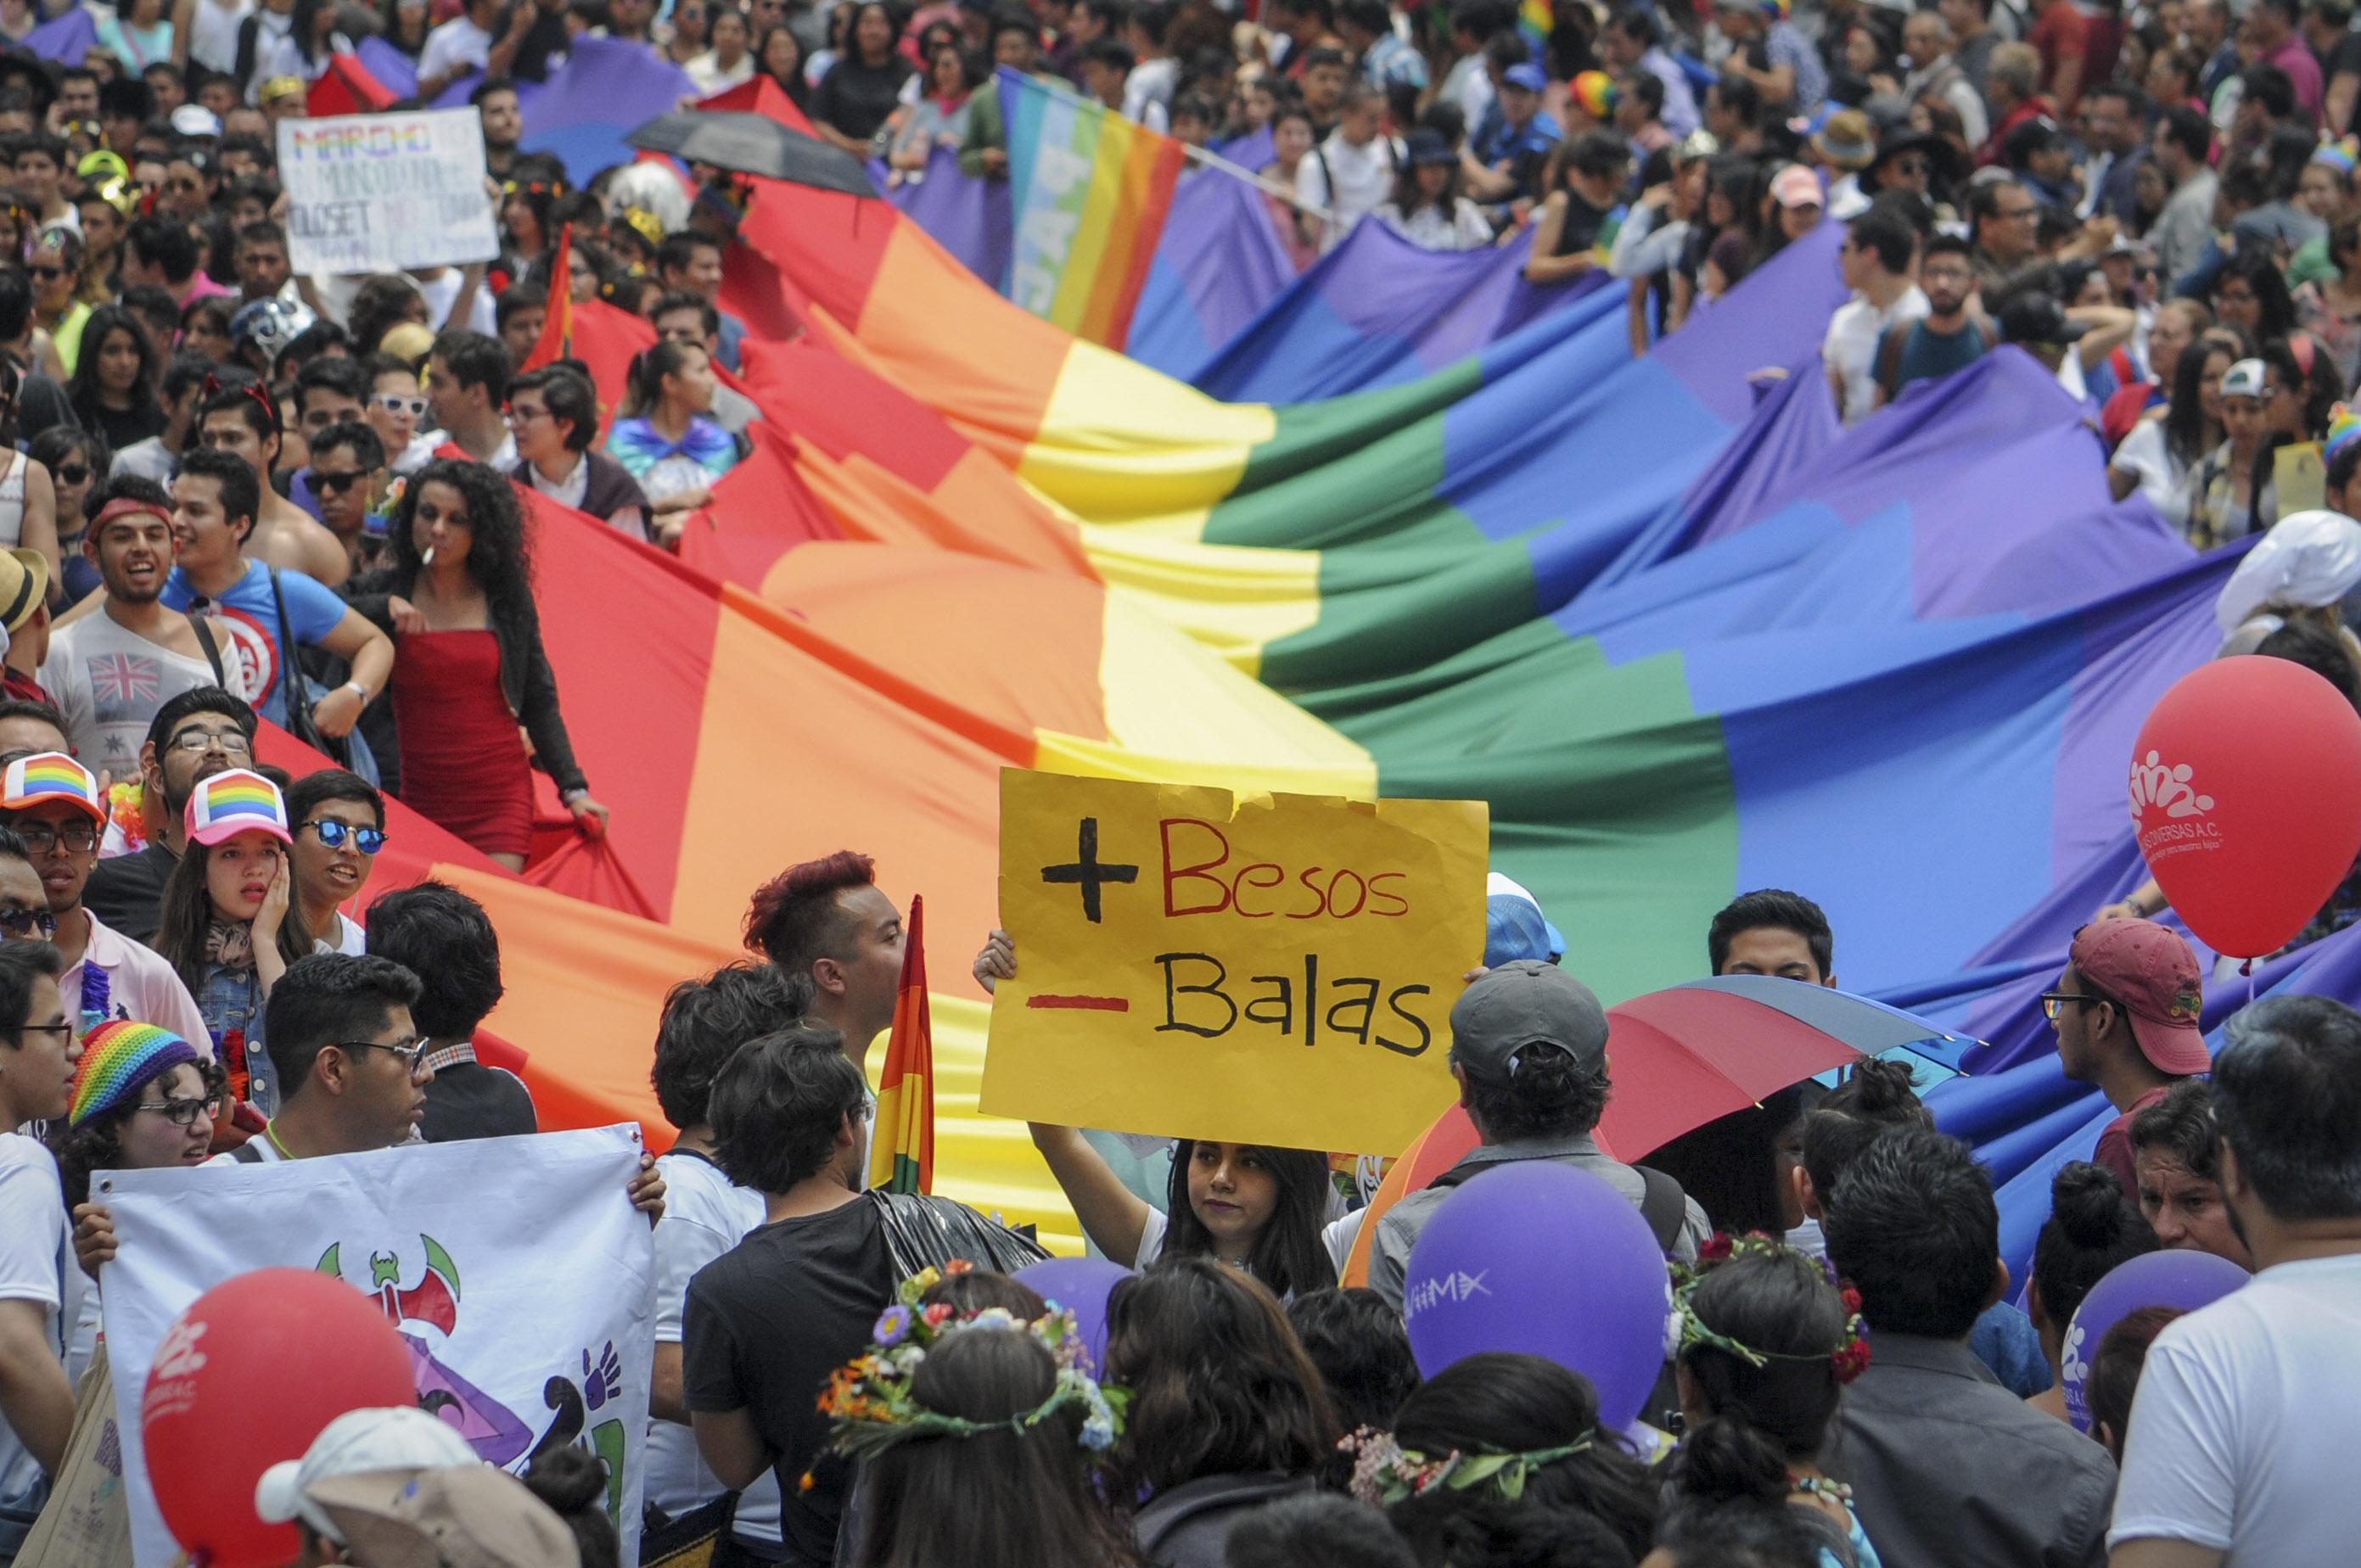 """CIUDAD DE MÉXICO, 24JUNIO2016.- Miles de personas participaron en la edición XXXVIII de la Marcha del Orgullo LGBTTTI que partió del Ángel de la Independencia hacia el zócalo capitalino. El tema de este año fue """"familias diversas"""". El algunos contingentes las protestas recordaron la masacre ocurrida en Orlando hace un par de semanas en un bar gay.  FOTO: DIEGO SIMÓN SÁNCHEZ /CUARTOSCURO.COM"""